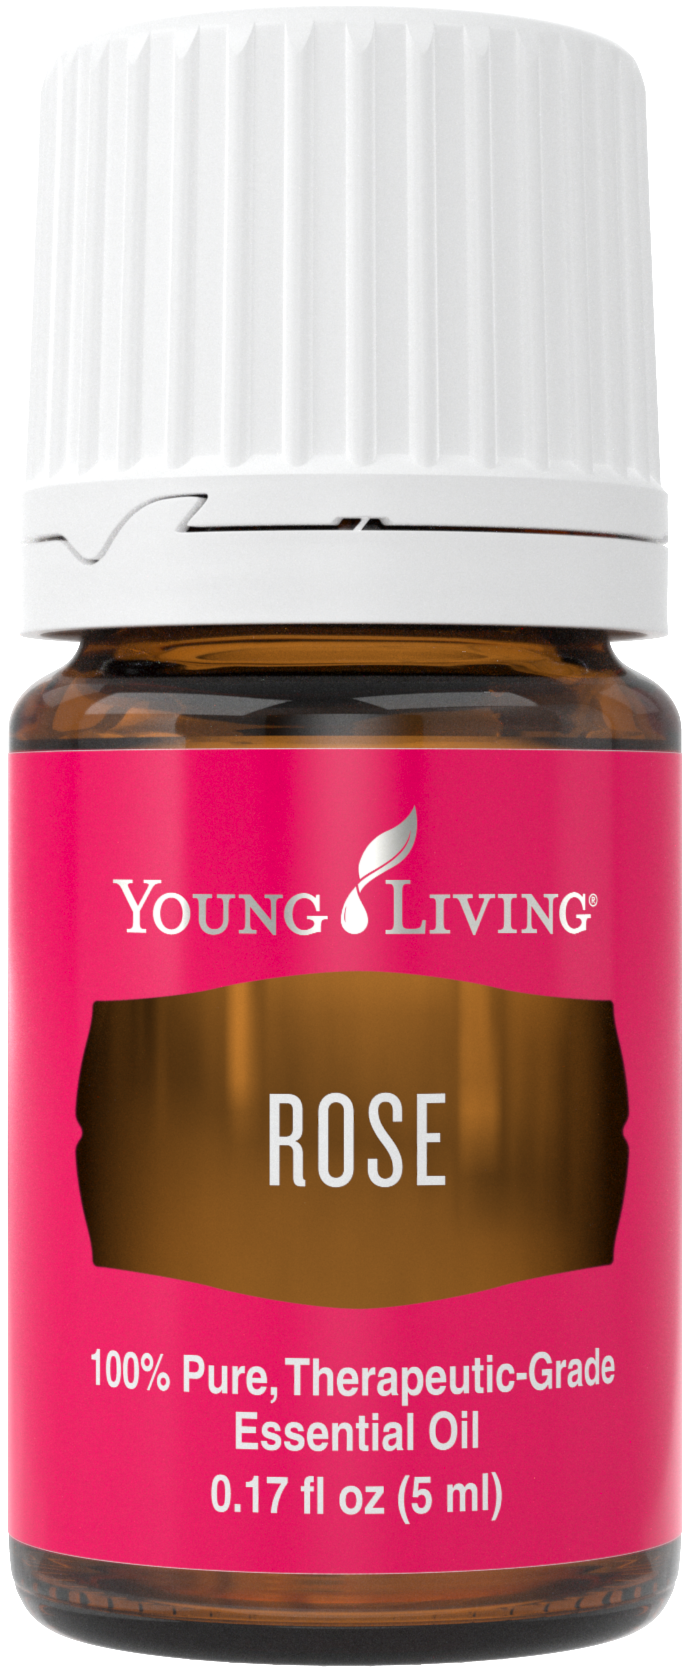 rose_5ml_silo_us_2016_24444960951_o